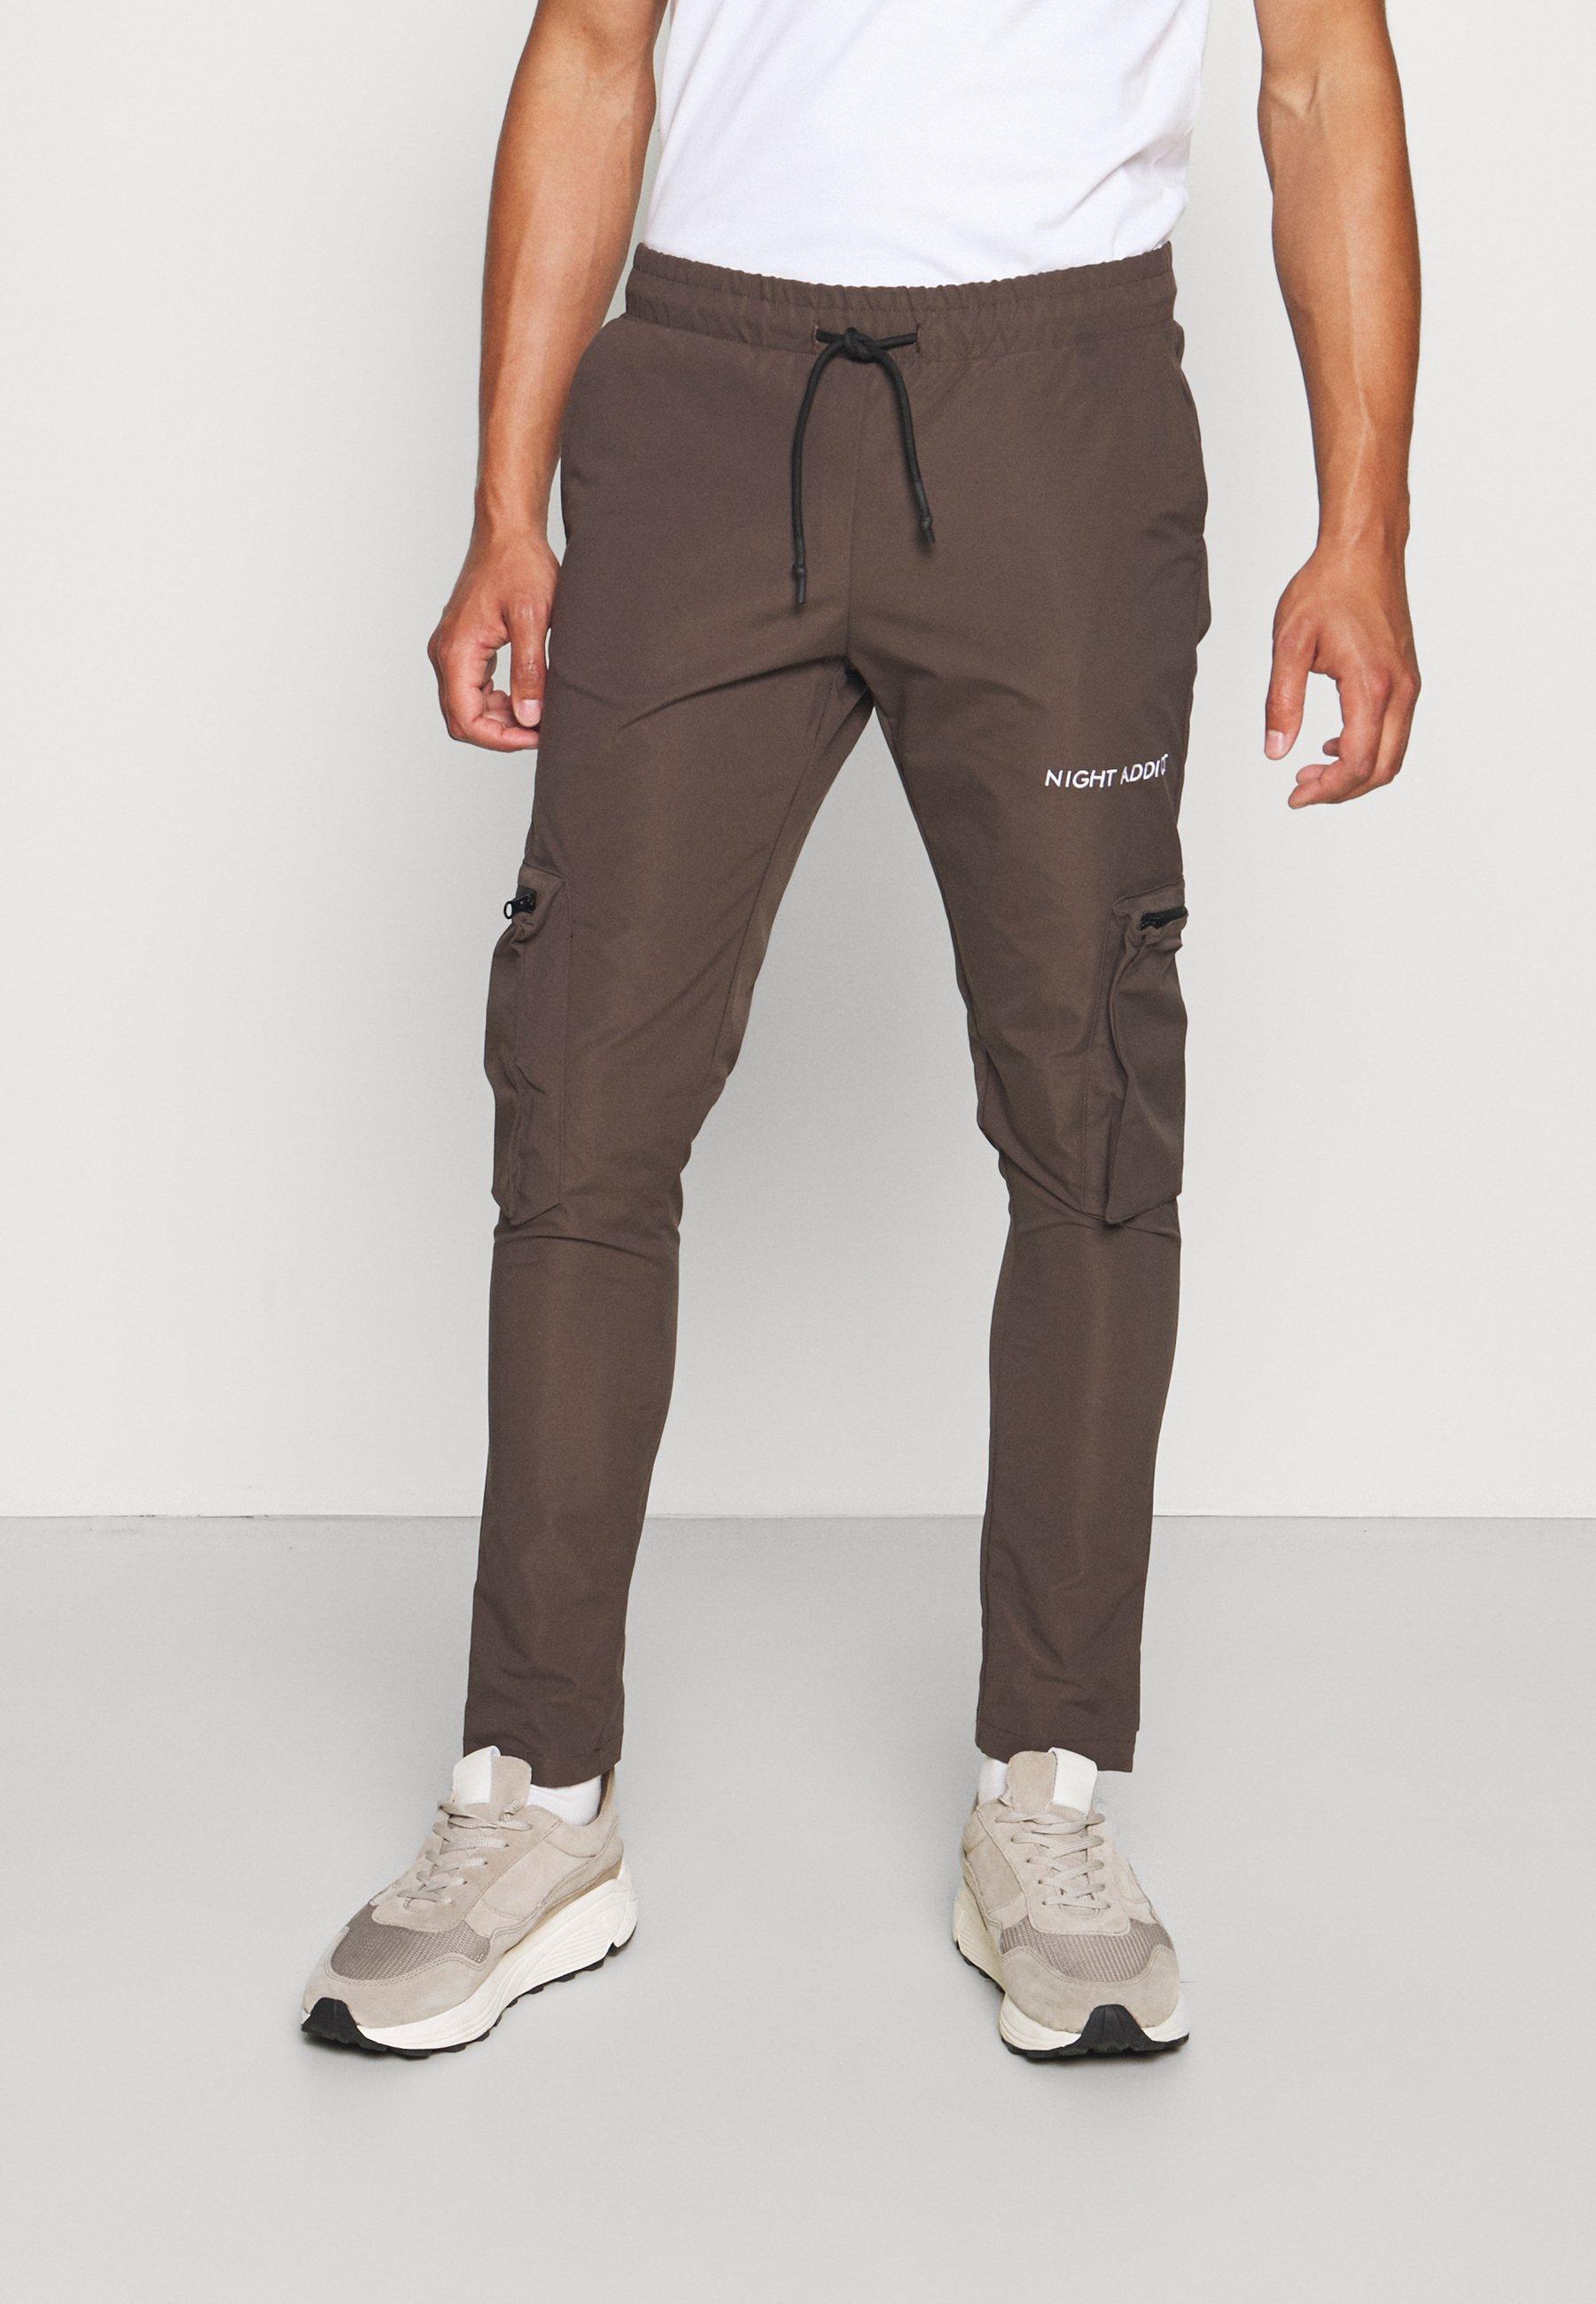 Homme NAAPOLLOB - Pantalon cargo